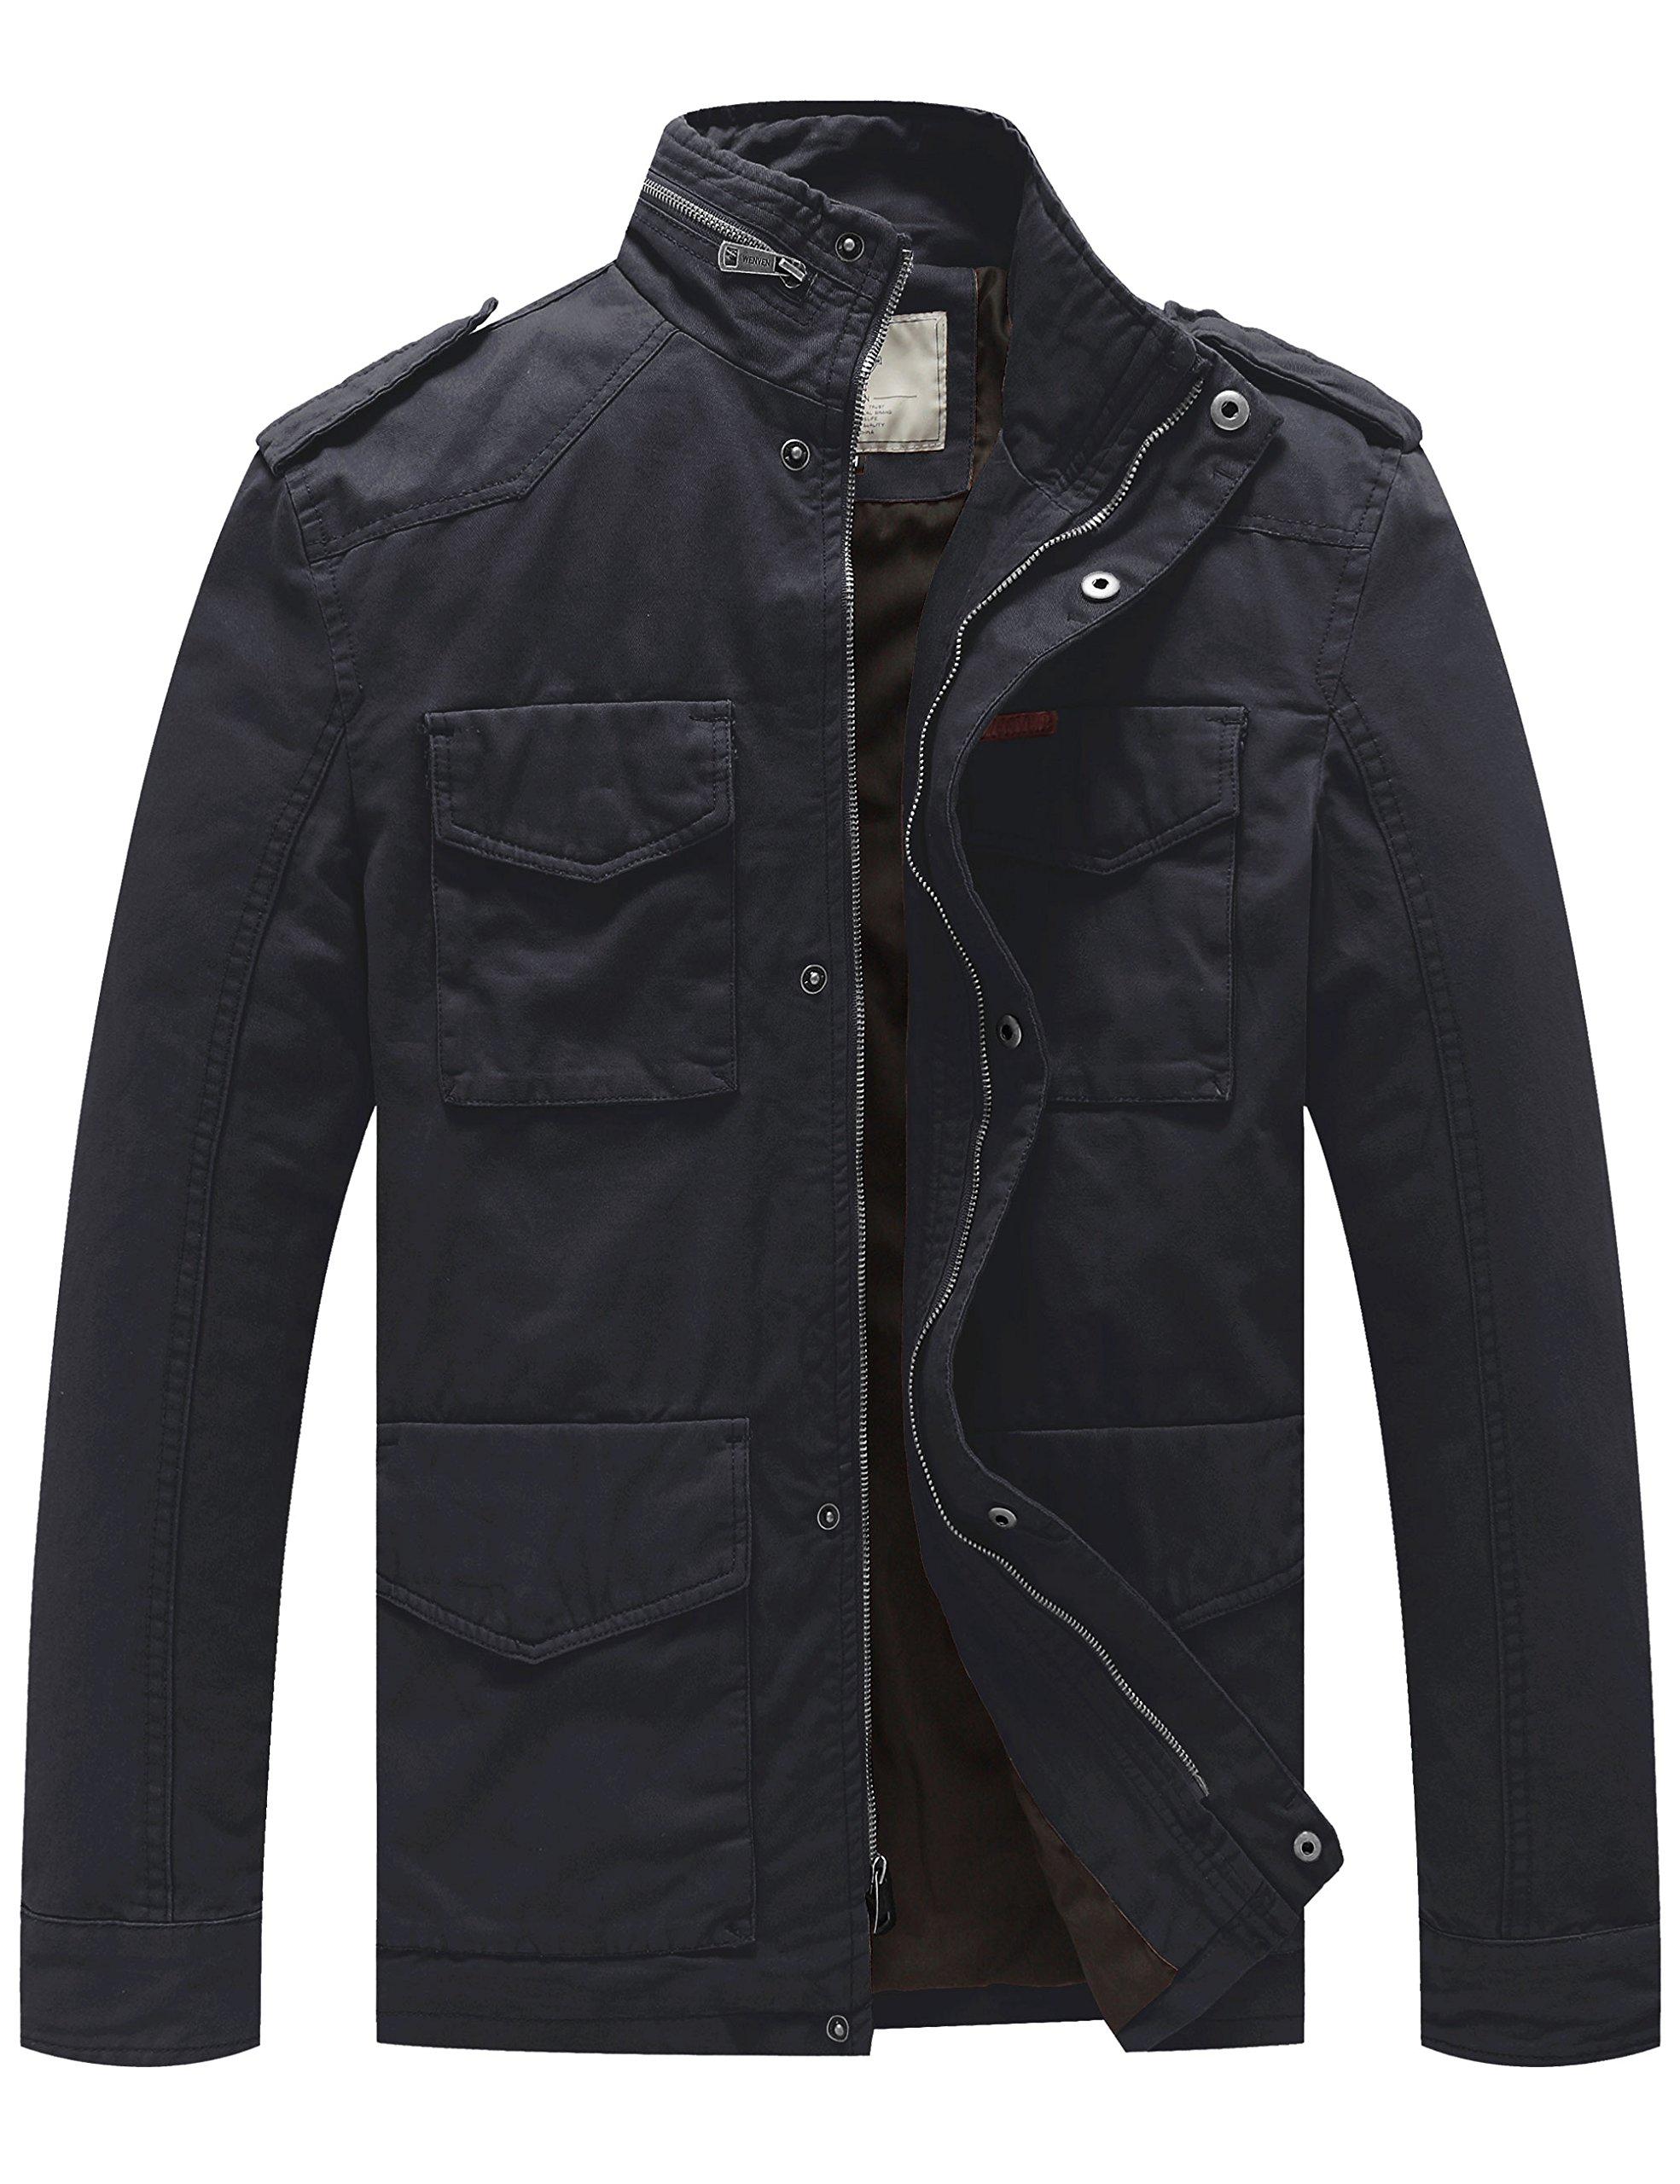 WenVen Men's Stand Collar Cotton Field Jacket (Grey, Medium)